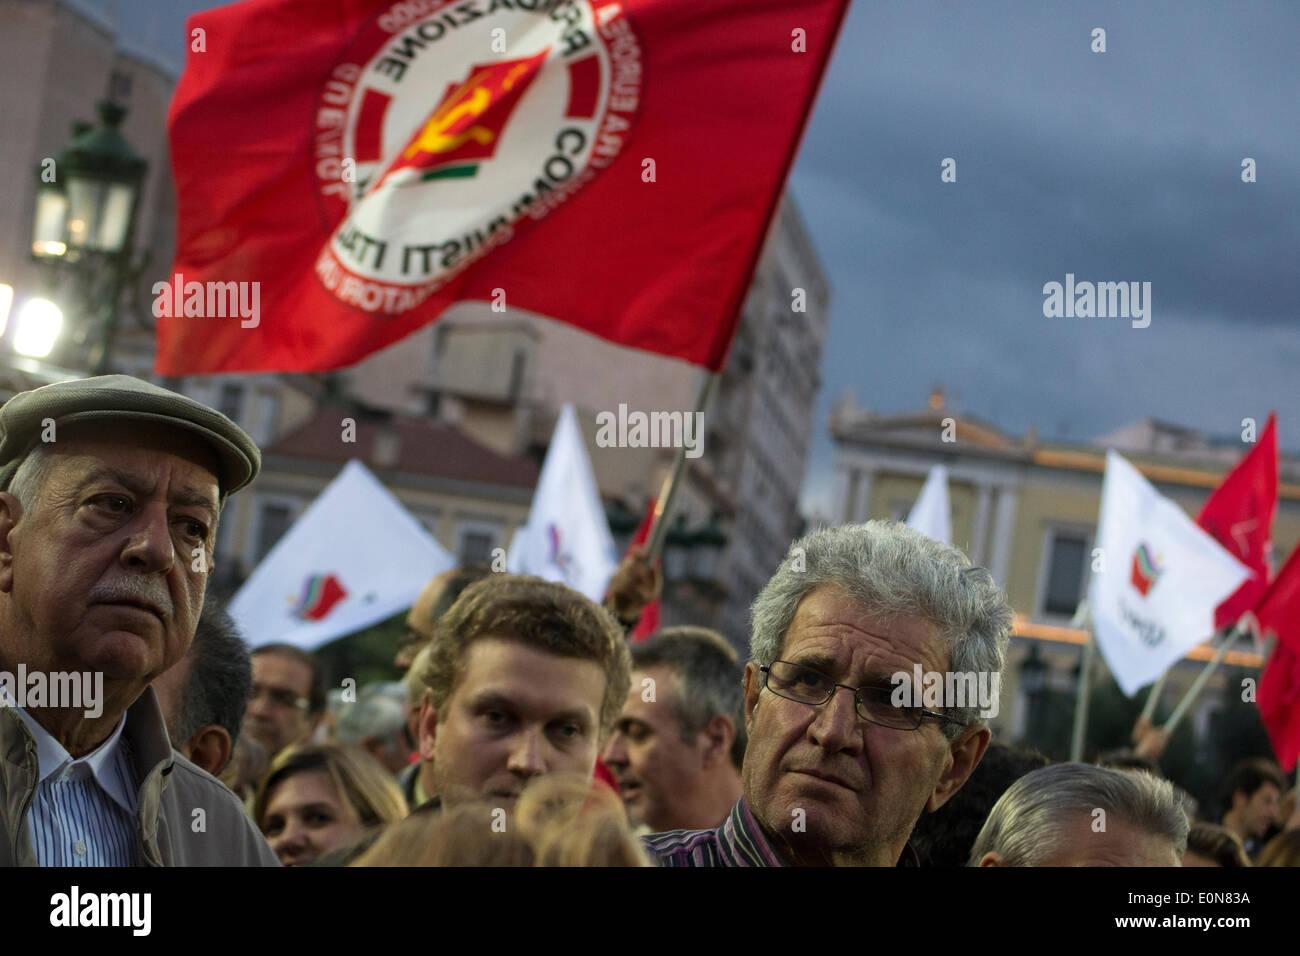 Atene, 16 maggio 2014. Atene, Grecia, Maggio 16th, 2014. Sostenitori bandiere d'onda mentre frequentano i discorsi Foto Stock